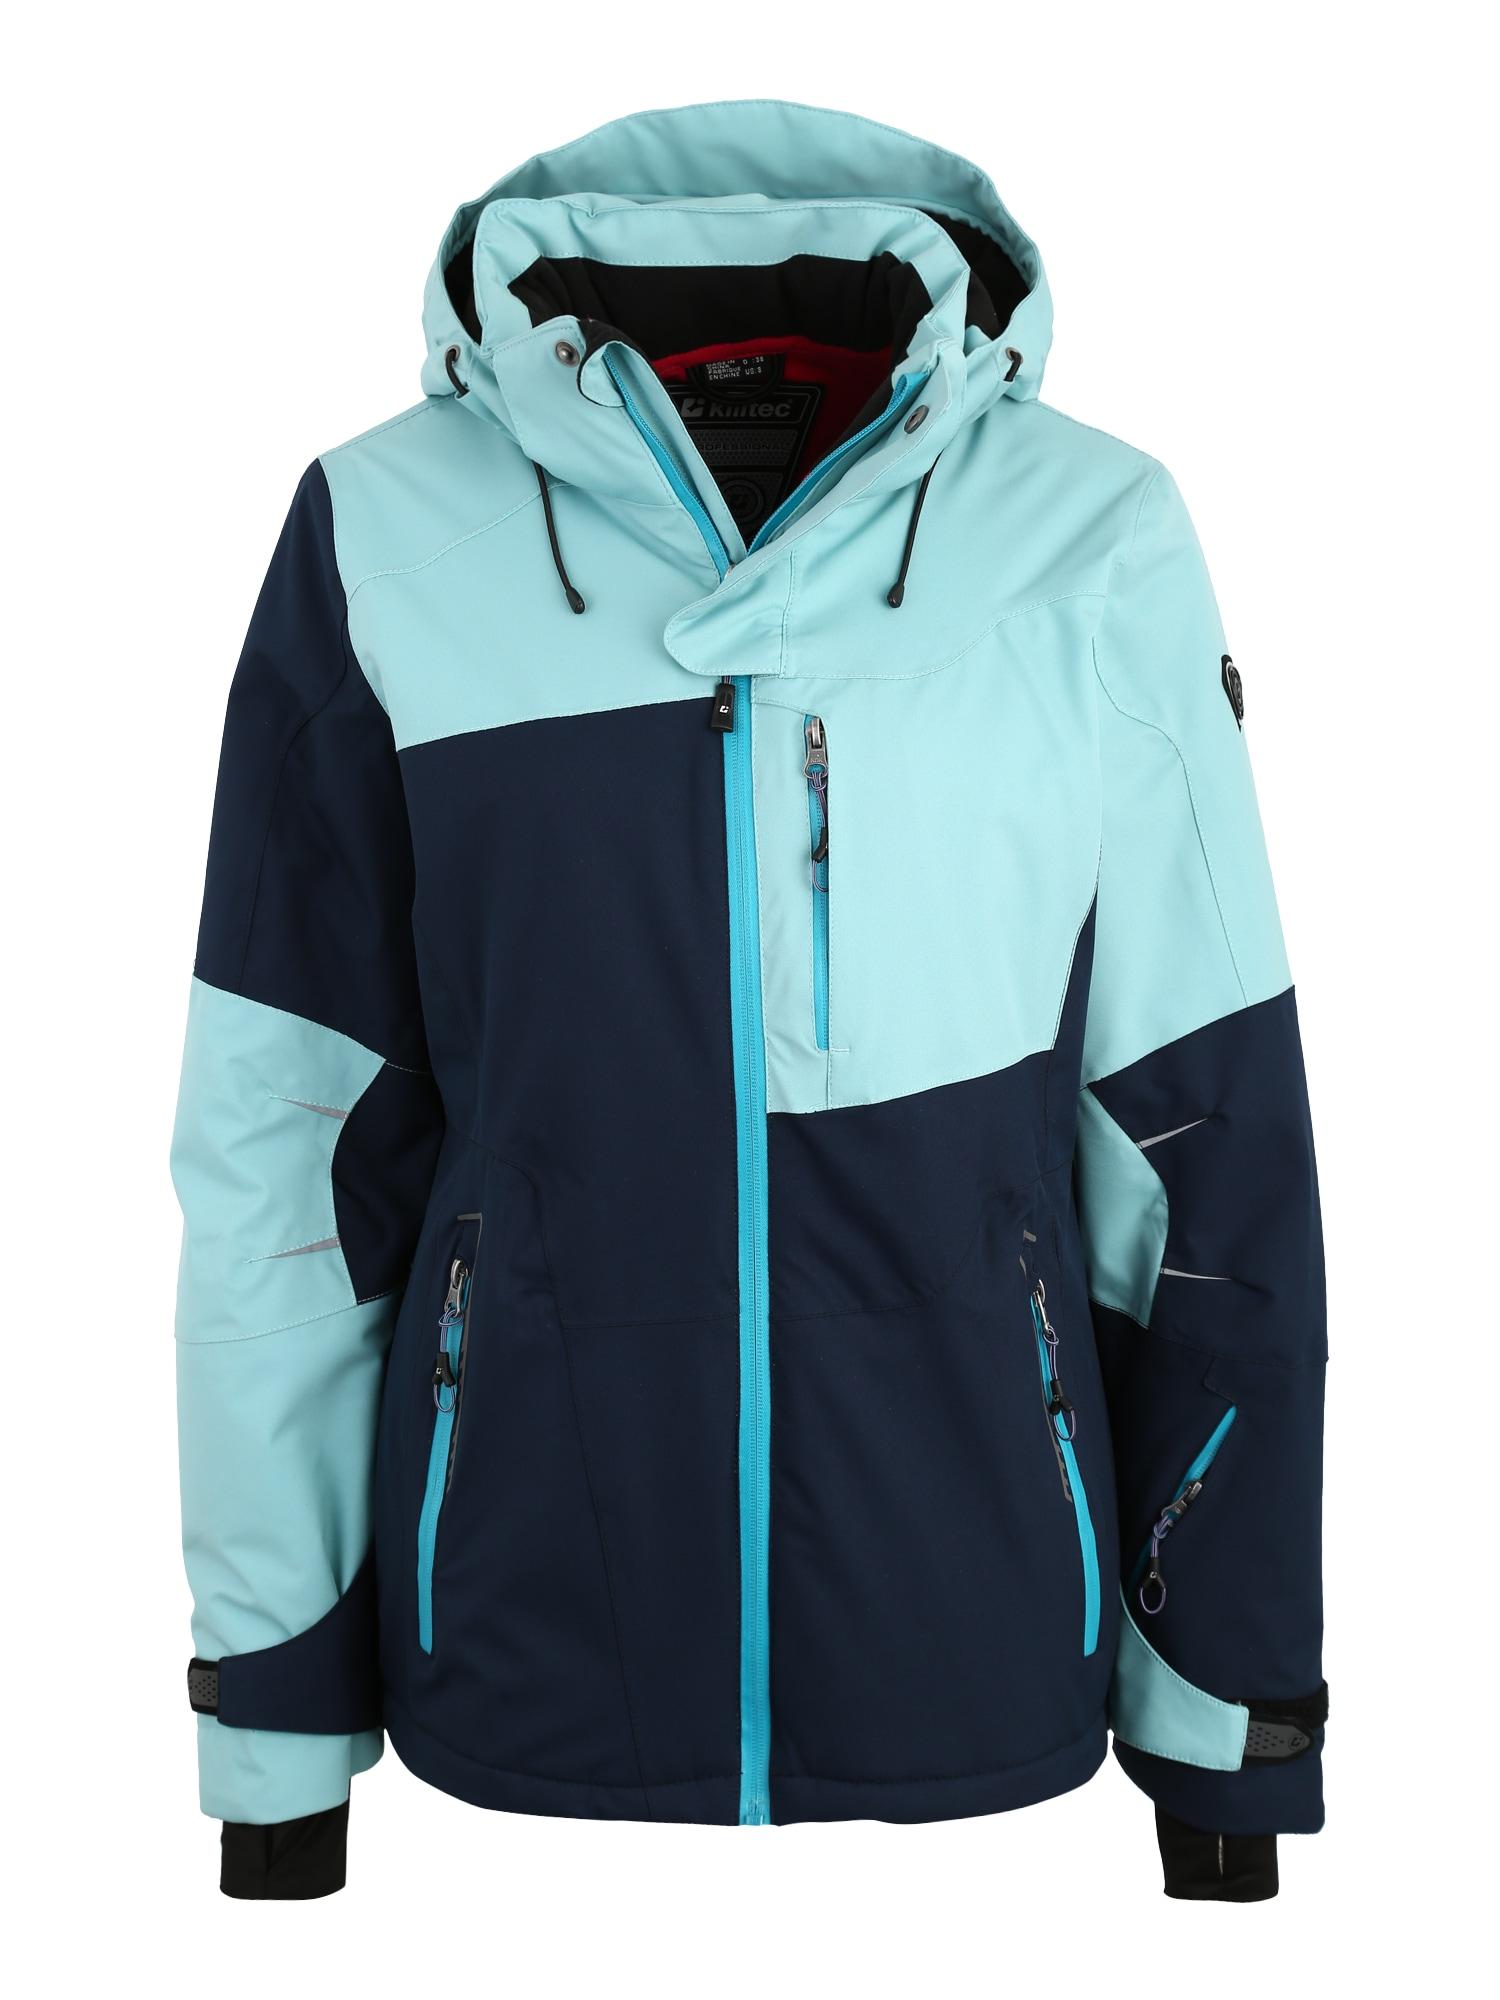 Sportovní bunda Luira tyrkysová tmavě modrá KILLTEC